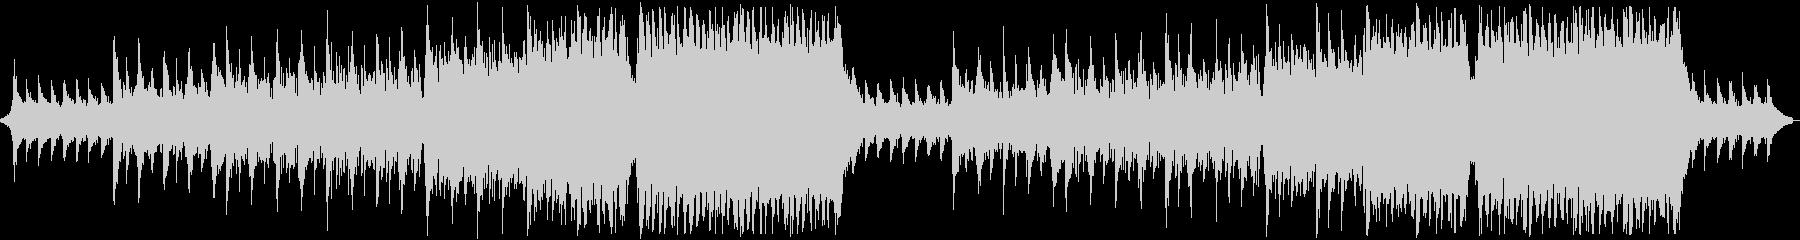 ポジティブポップオーケストラx2回の未再生の波形